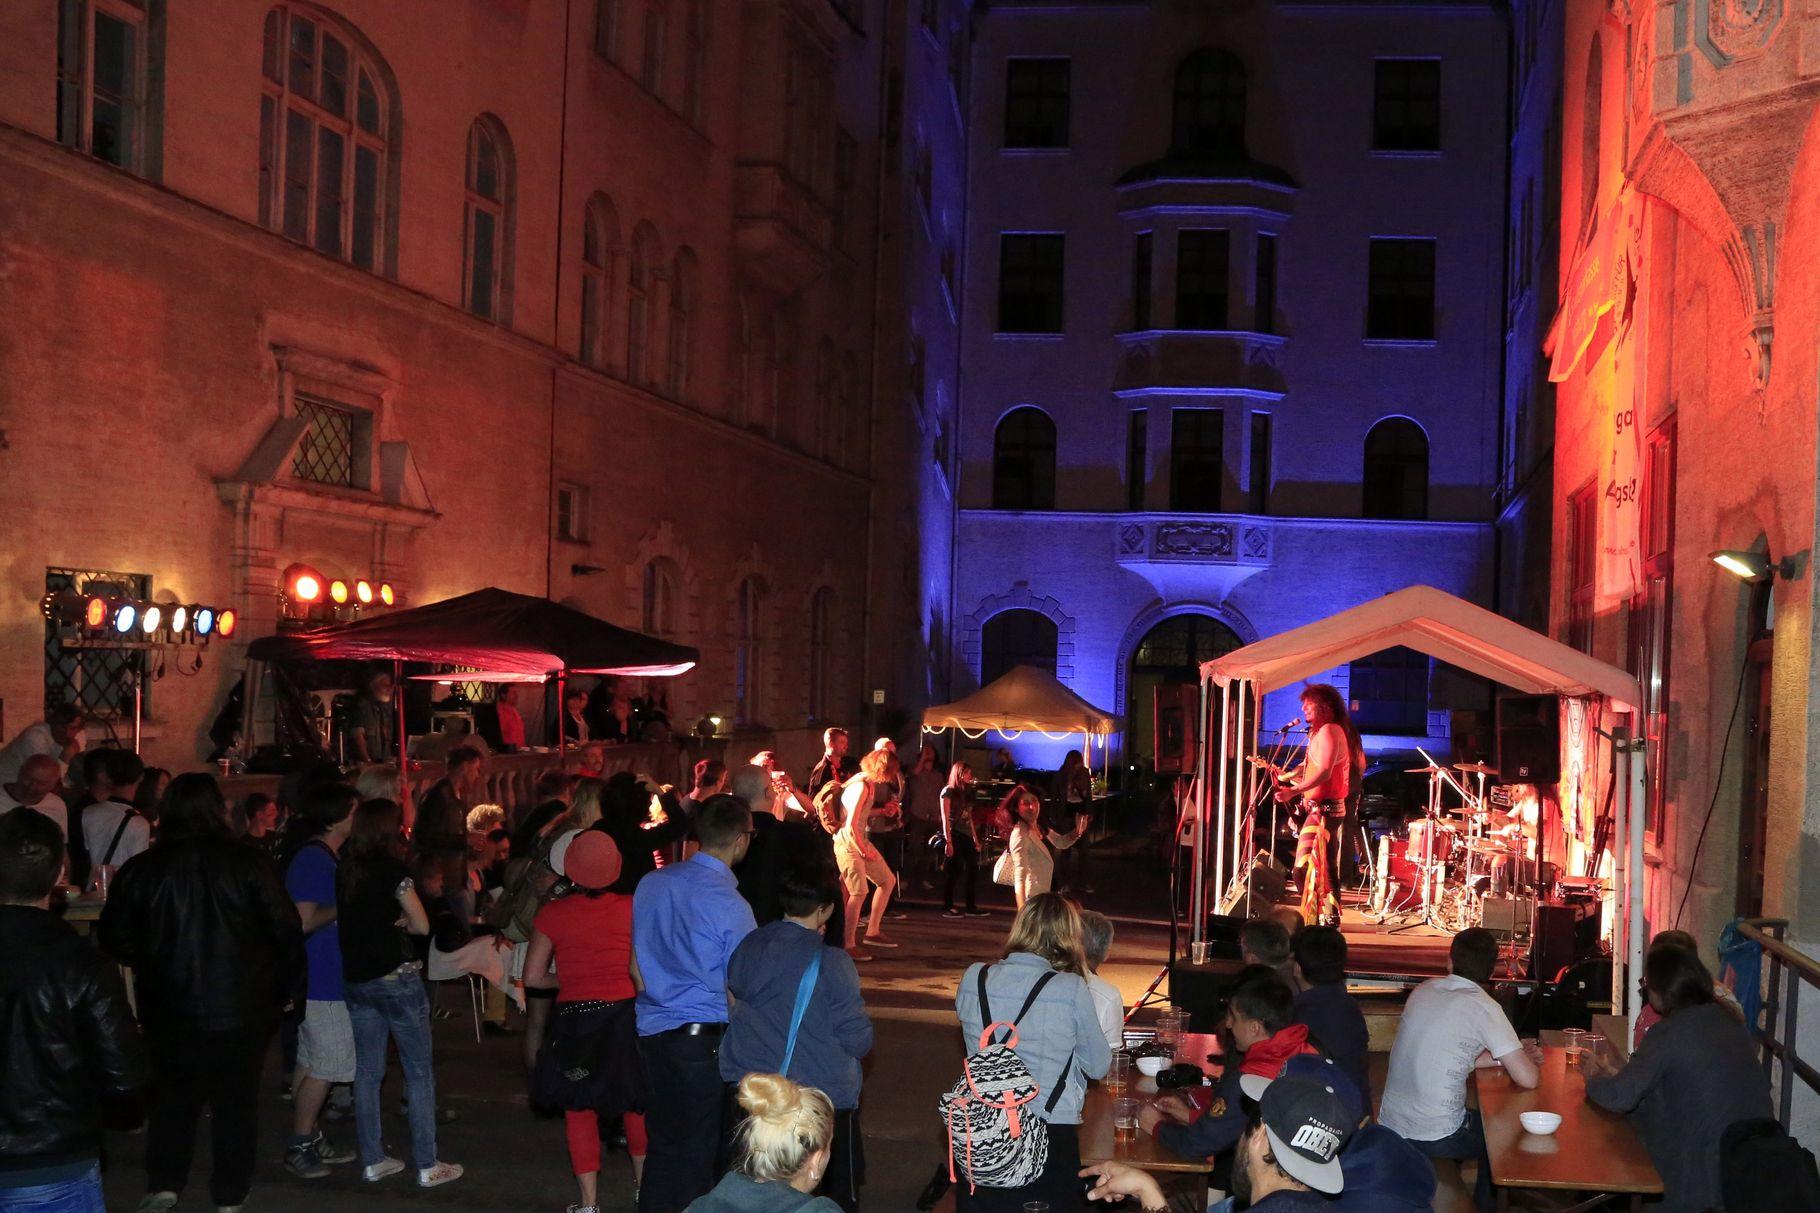 Konzerte im Bürgerhof 26.06.14 - Freiwilligen-Zentrum Augsburg - Foto: Franz Lechner